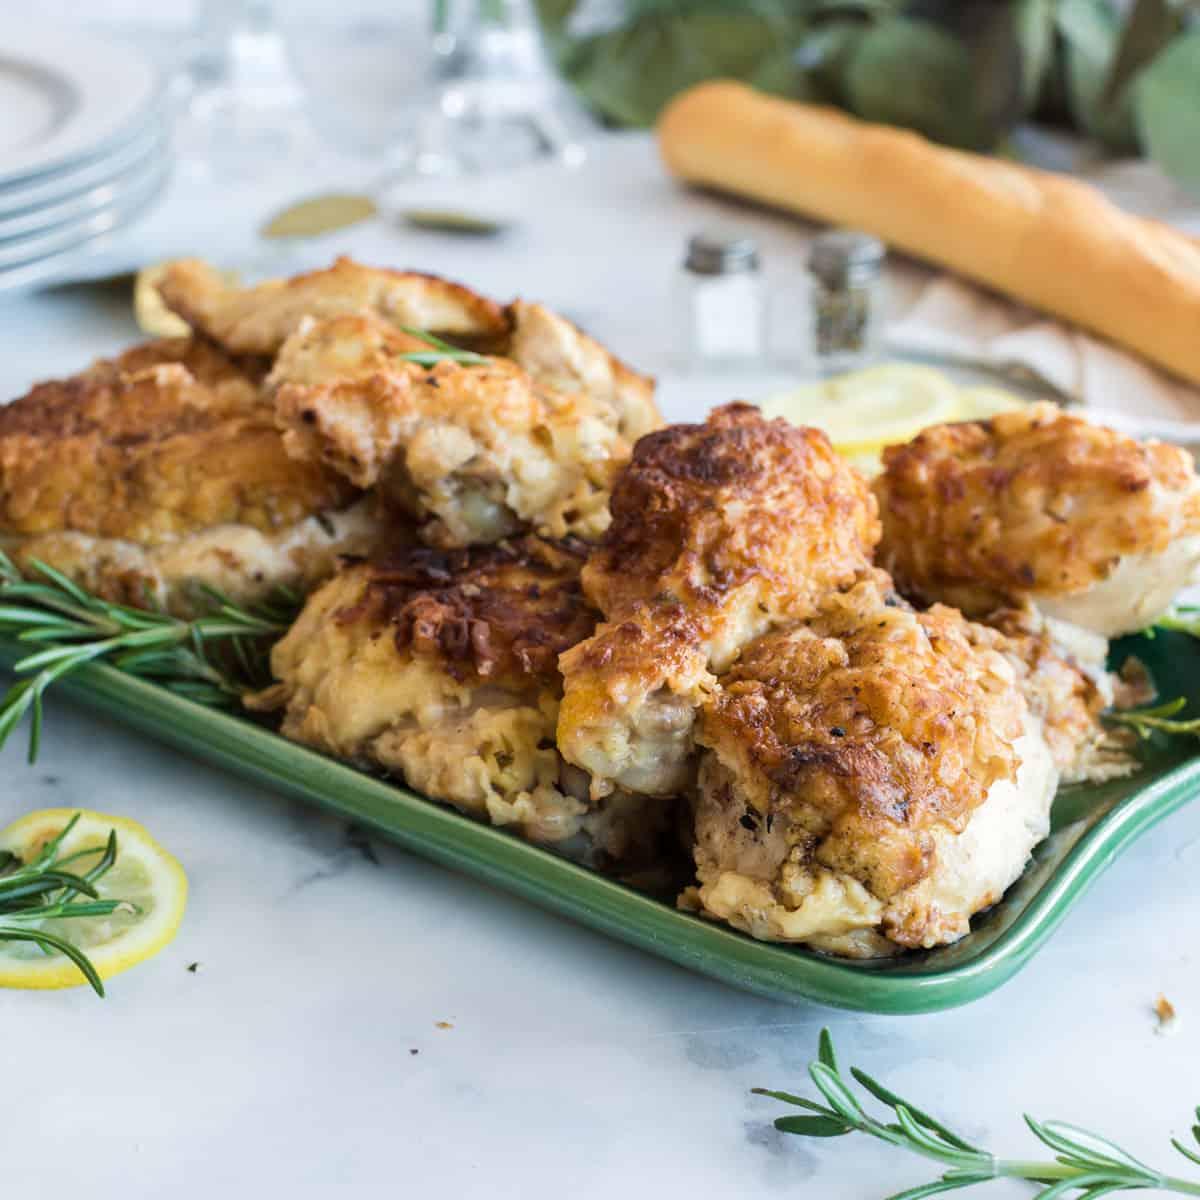 A serving platter of rosemary chicken.